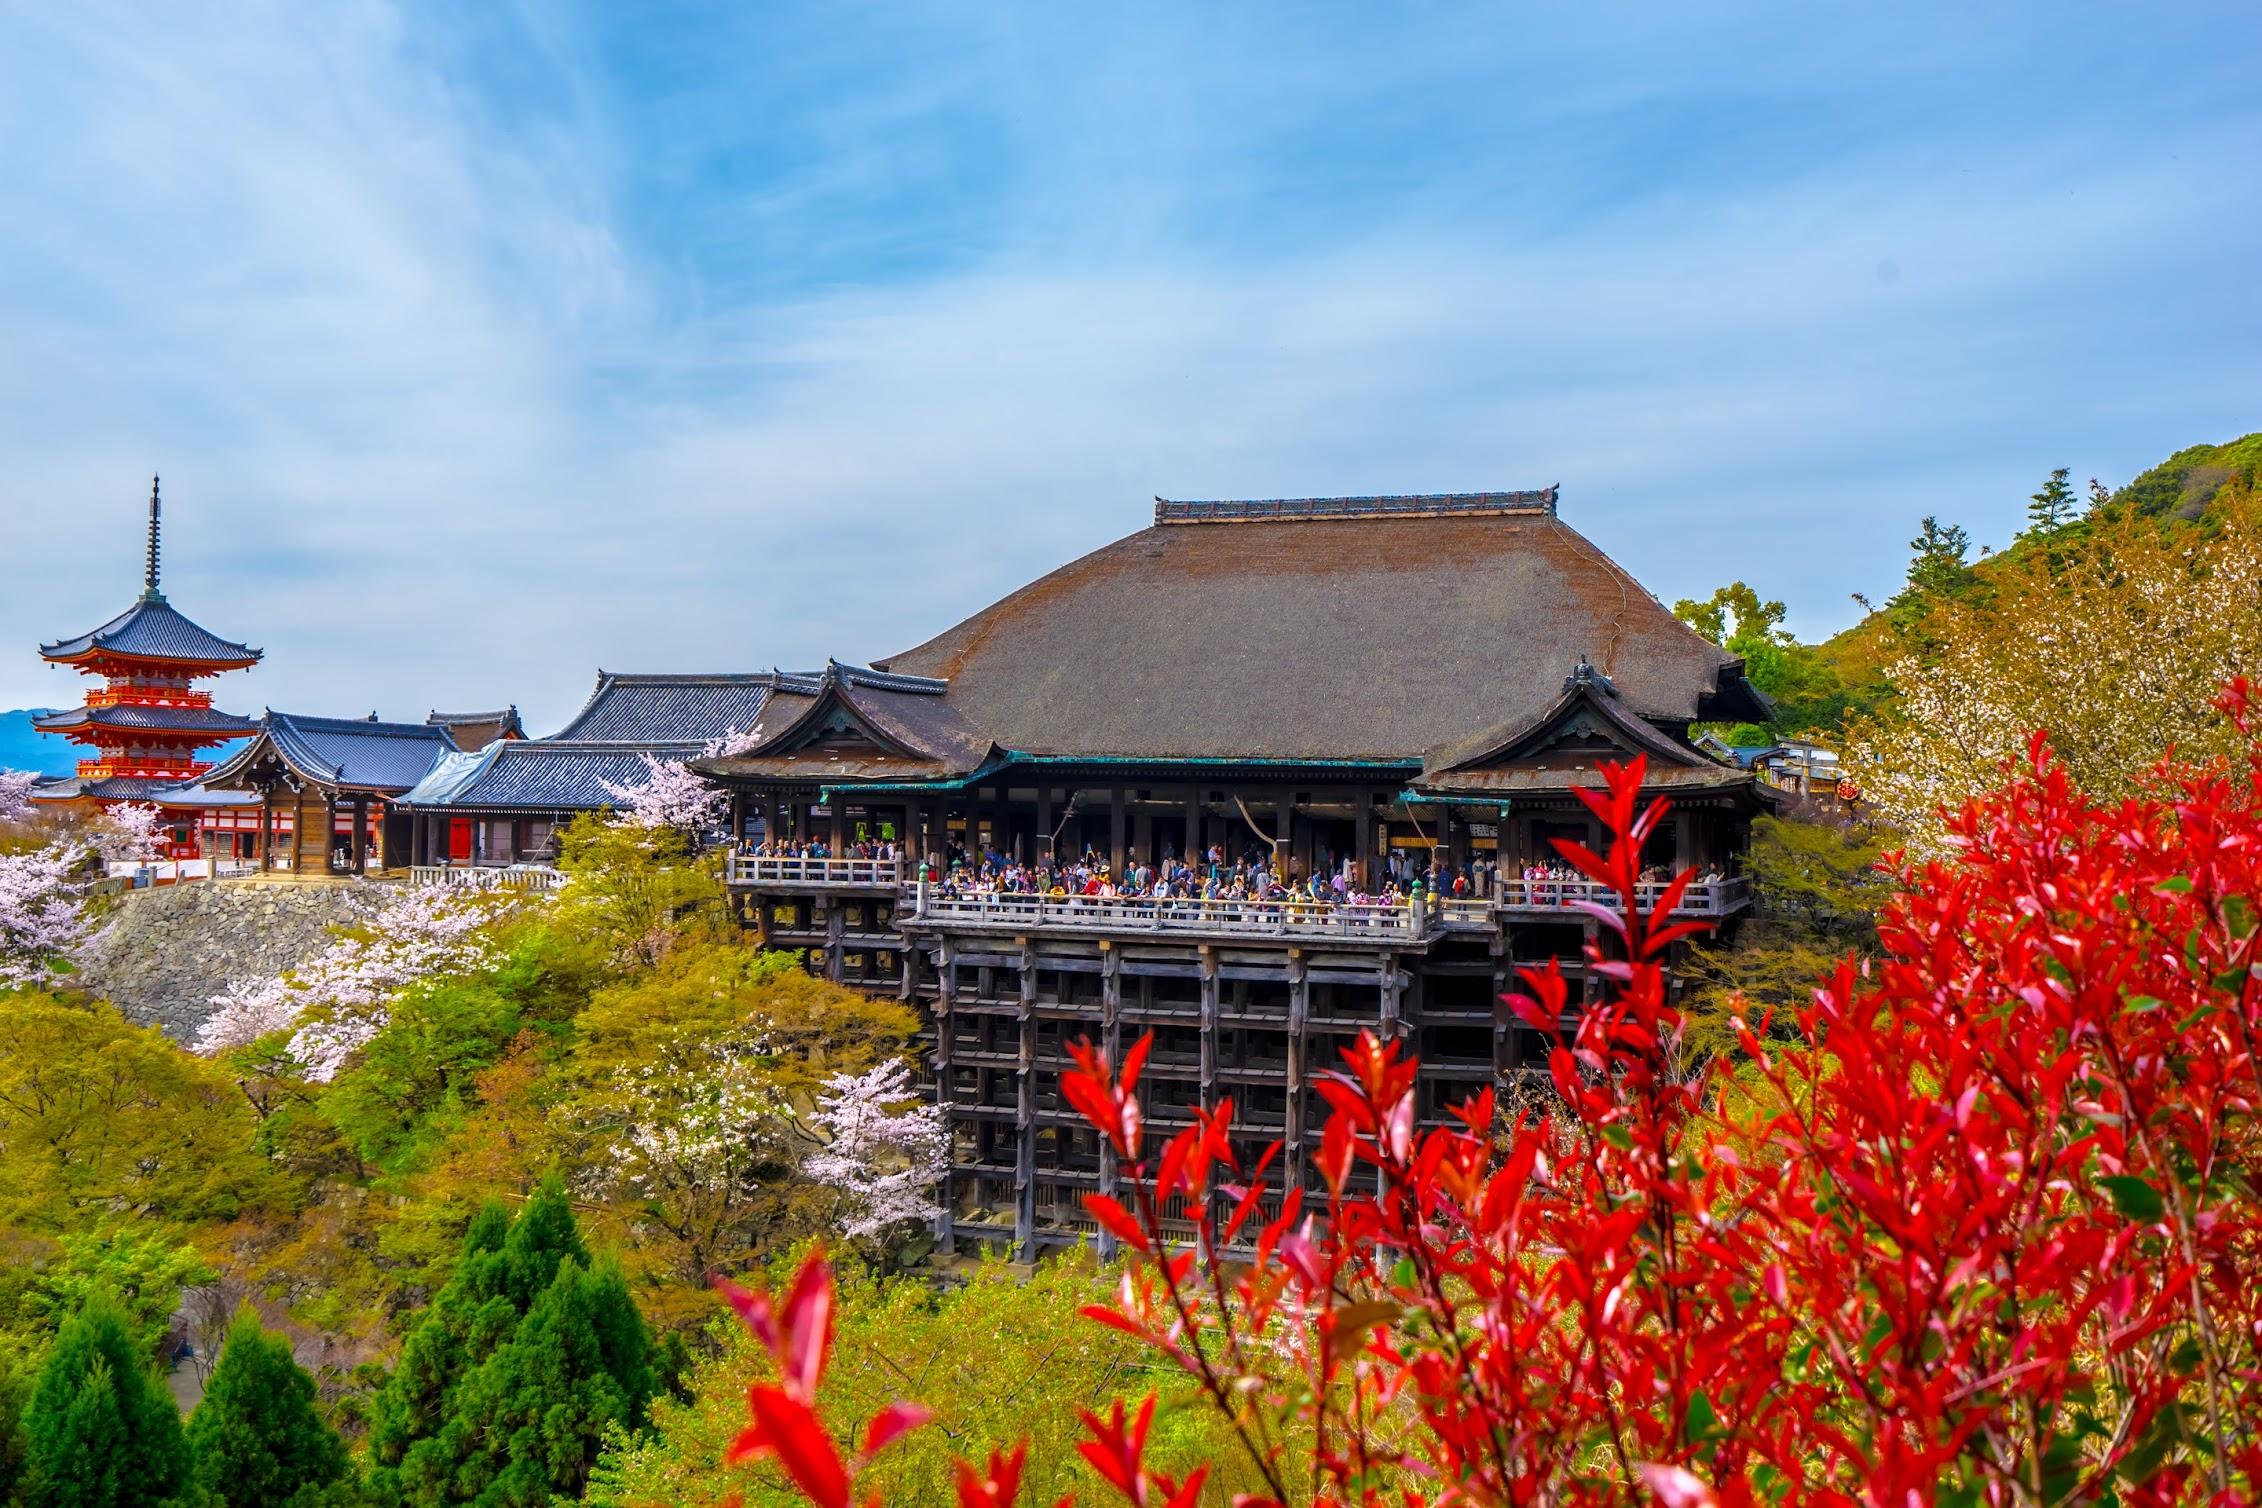 京都 清水寺 本堂 舞台 三重塔1